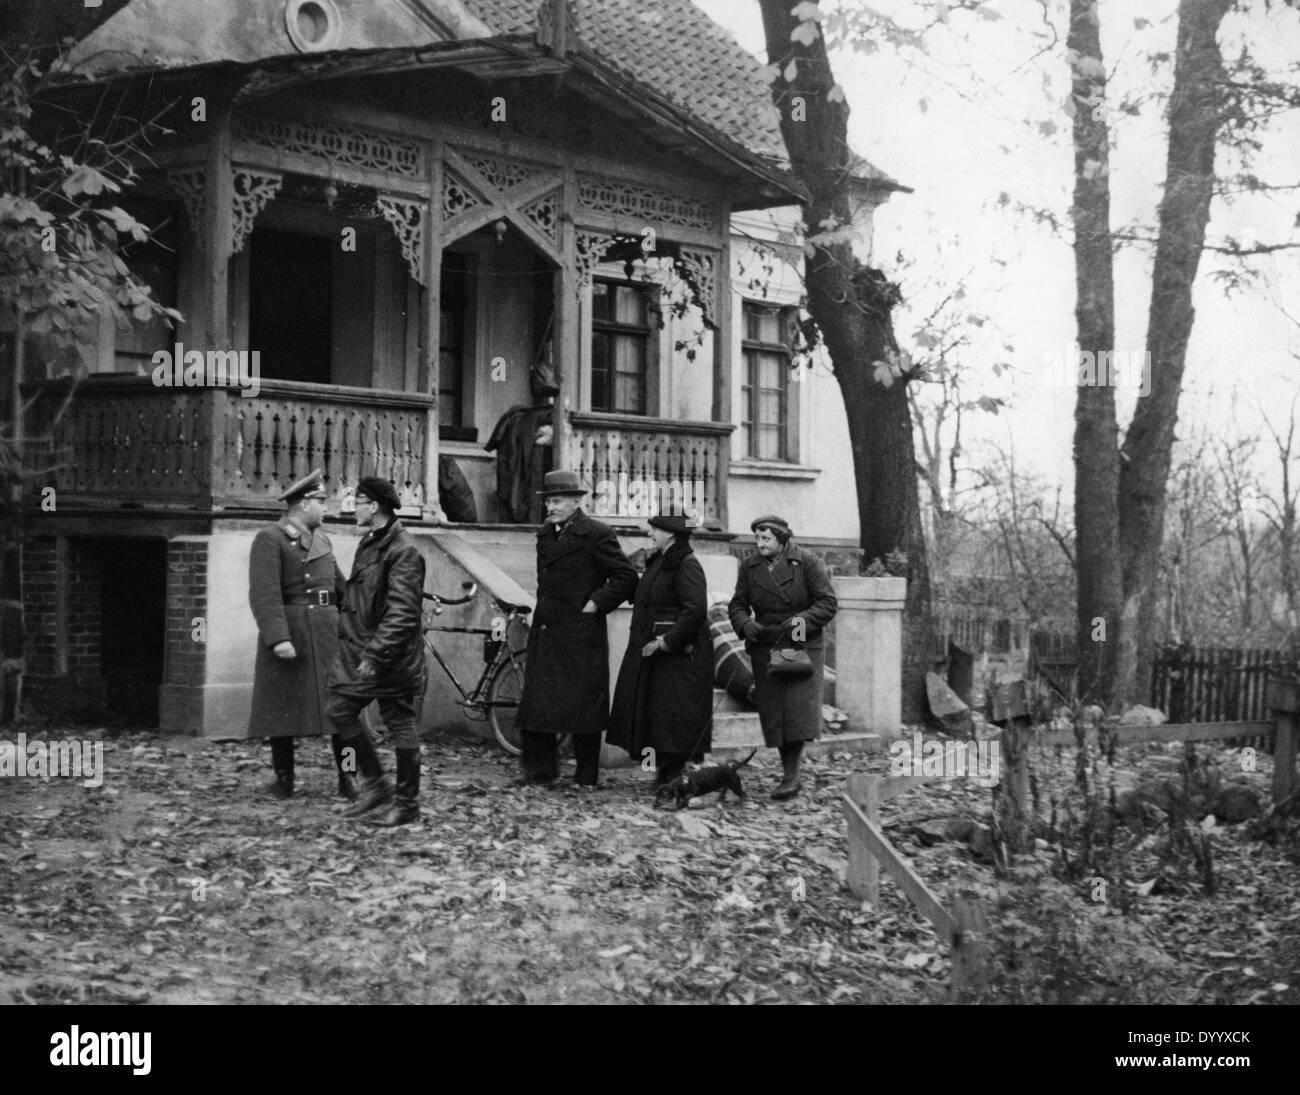 Zuweisung eines Hofes an deutschen Nachfahren in Polen, 1939 Stockfoto